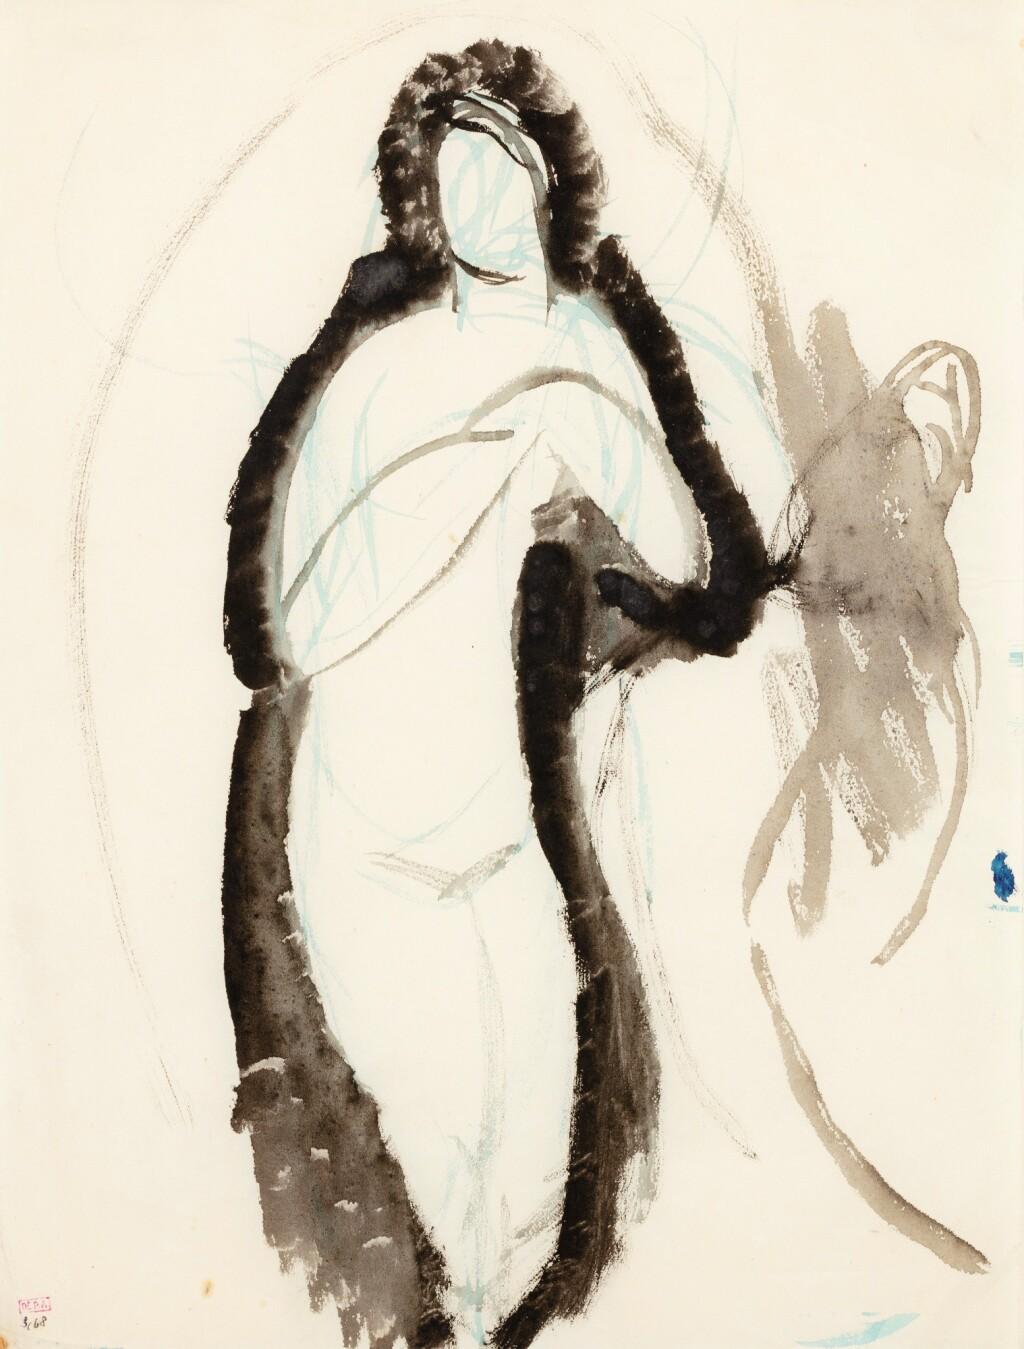 AMEDEO MODIGLIANI | FEMME NUE DEBOUT, LES MAINS JOINTES DEVANT LA POITRINE